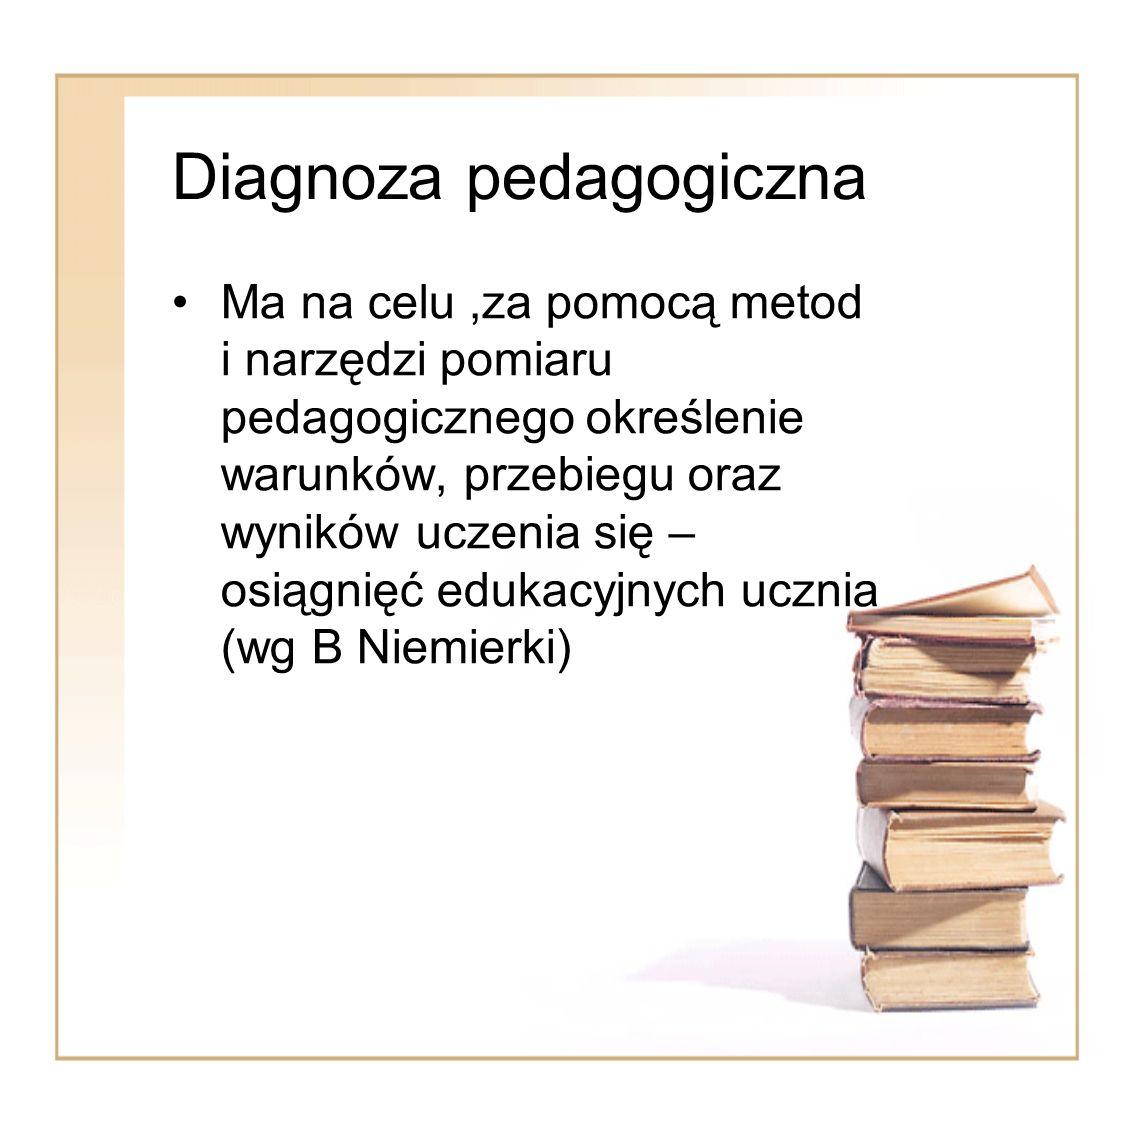 Diagnoza pedagogiczna Ma na celu,za pomocą metod i narzędzi pomiaru pedagogicznego określenie warunków, przebiegu oraz wyników uczenia się – osiągnięć